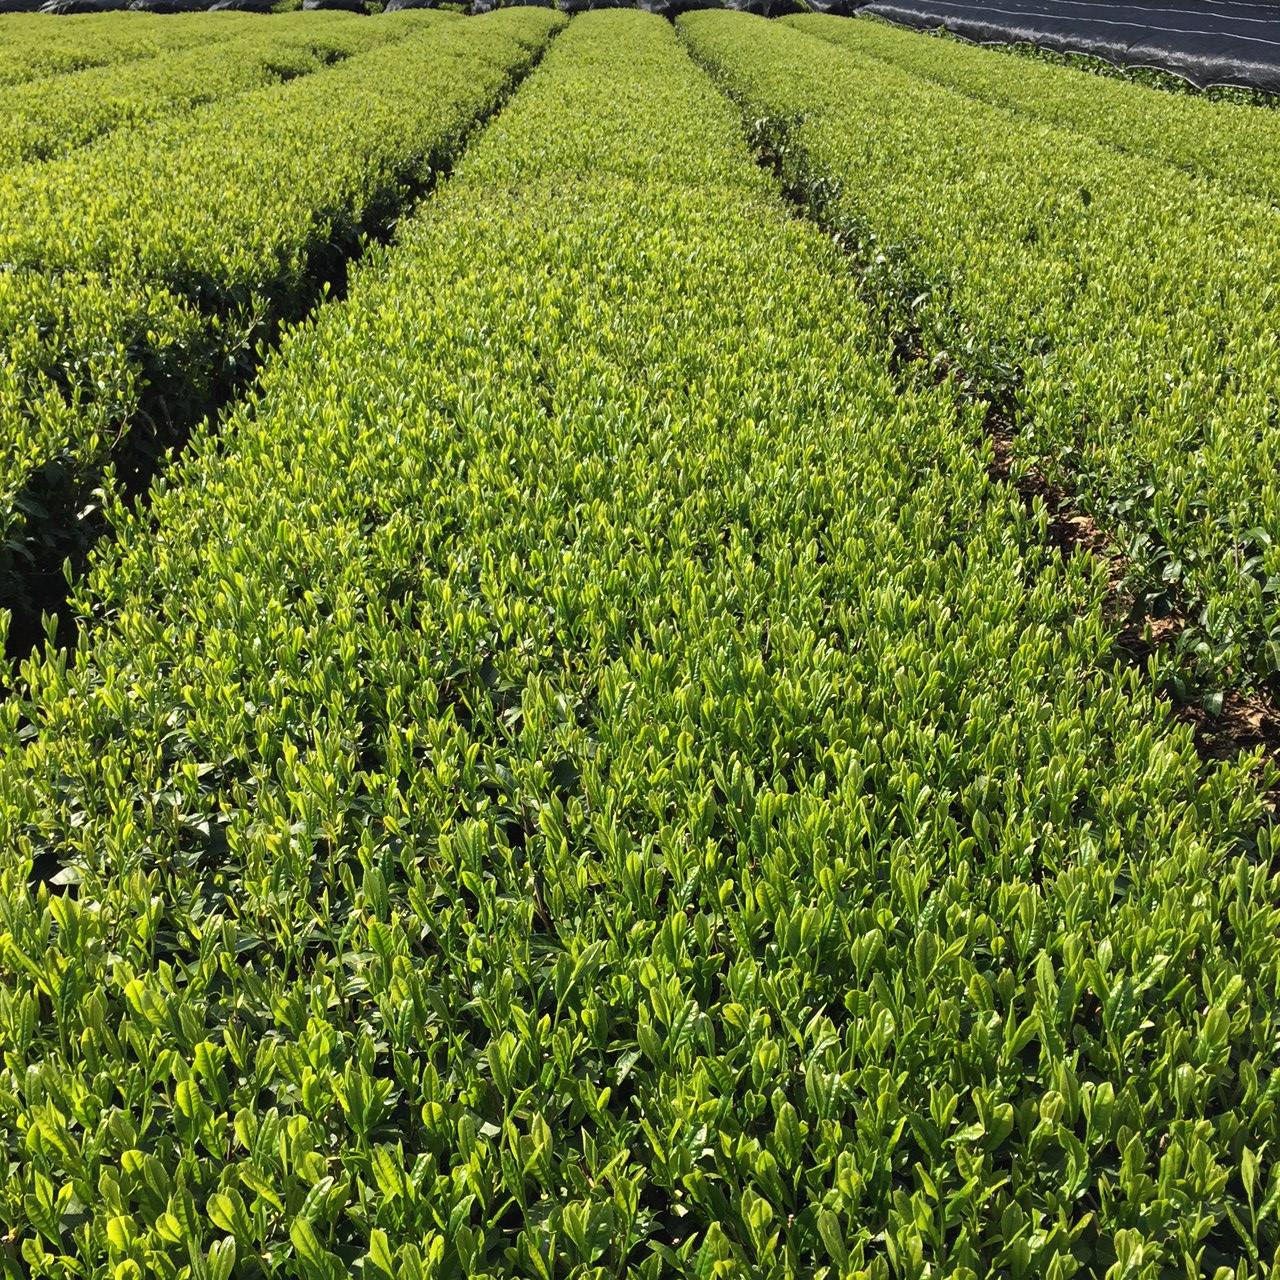 2017年4月24日かごしま緑茶の茶園風景です。品種はヤブキタです。小さな新芽成長中。